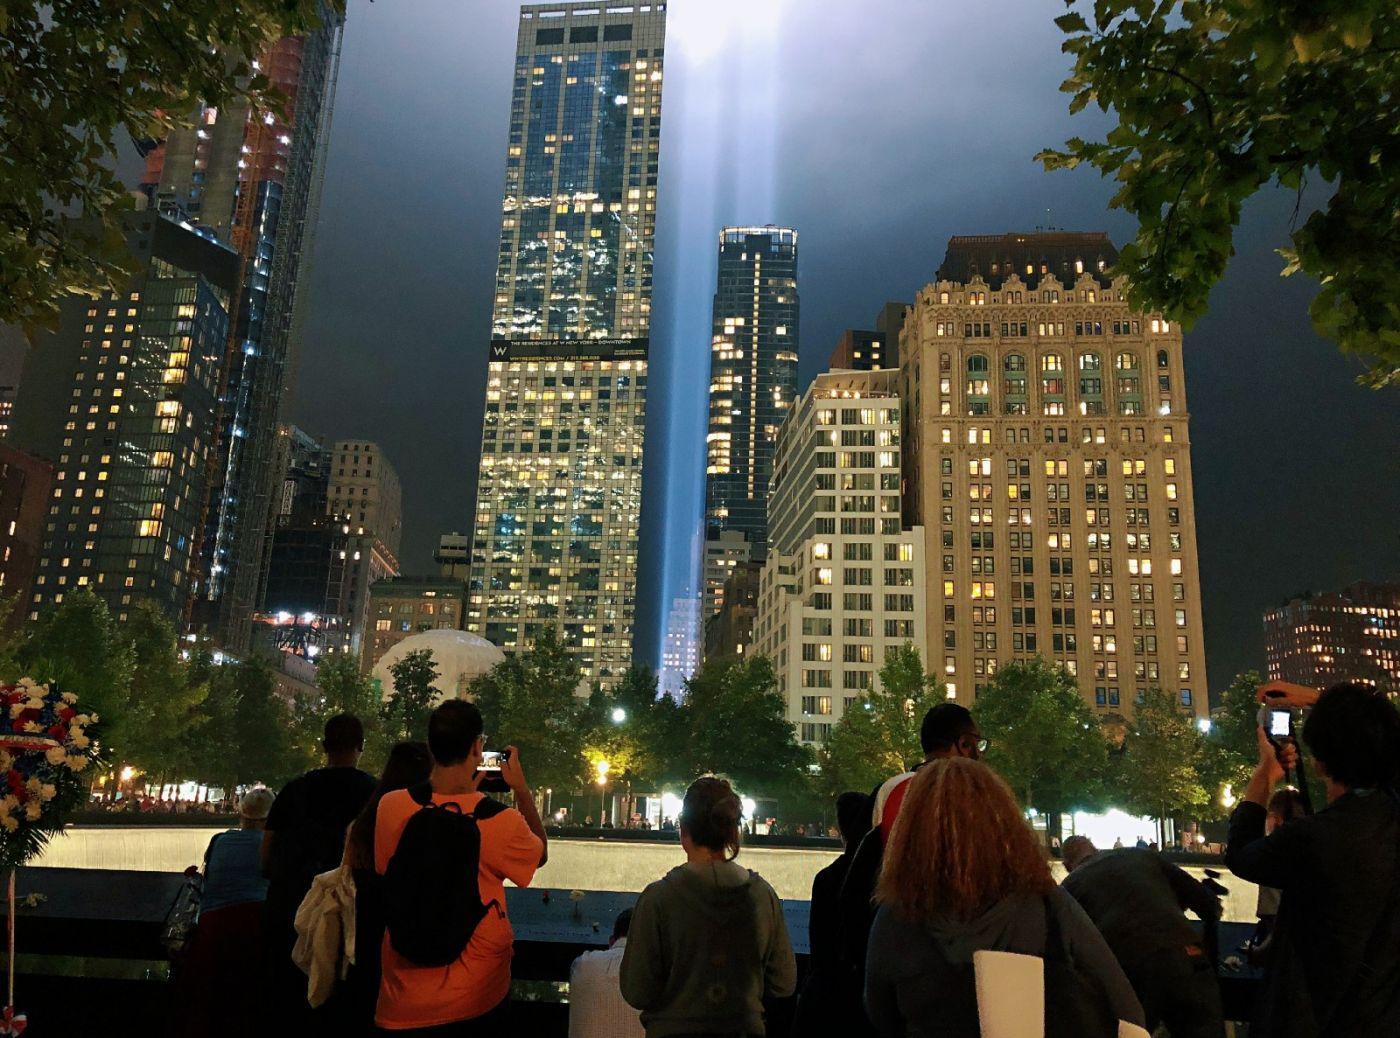 【田螺手机摄影】拍摄灯柱纪念911恐襲17周年_图1-8